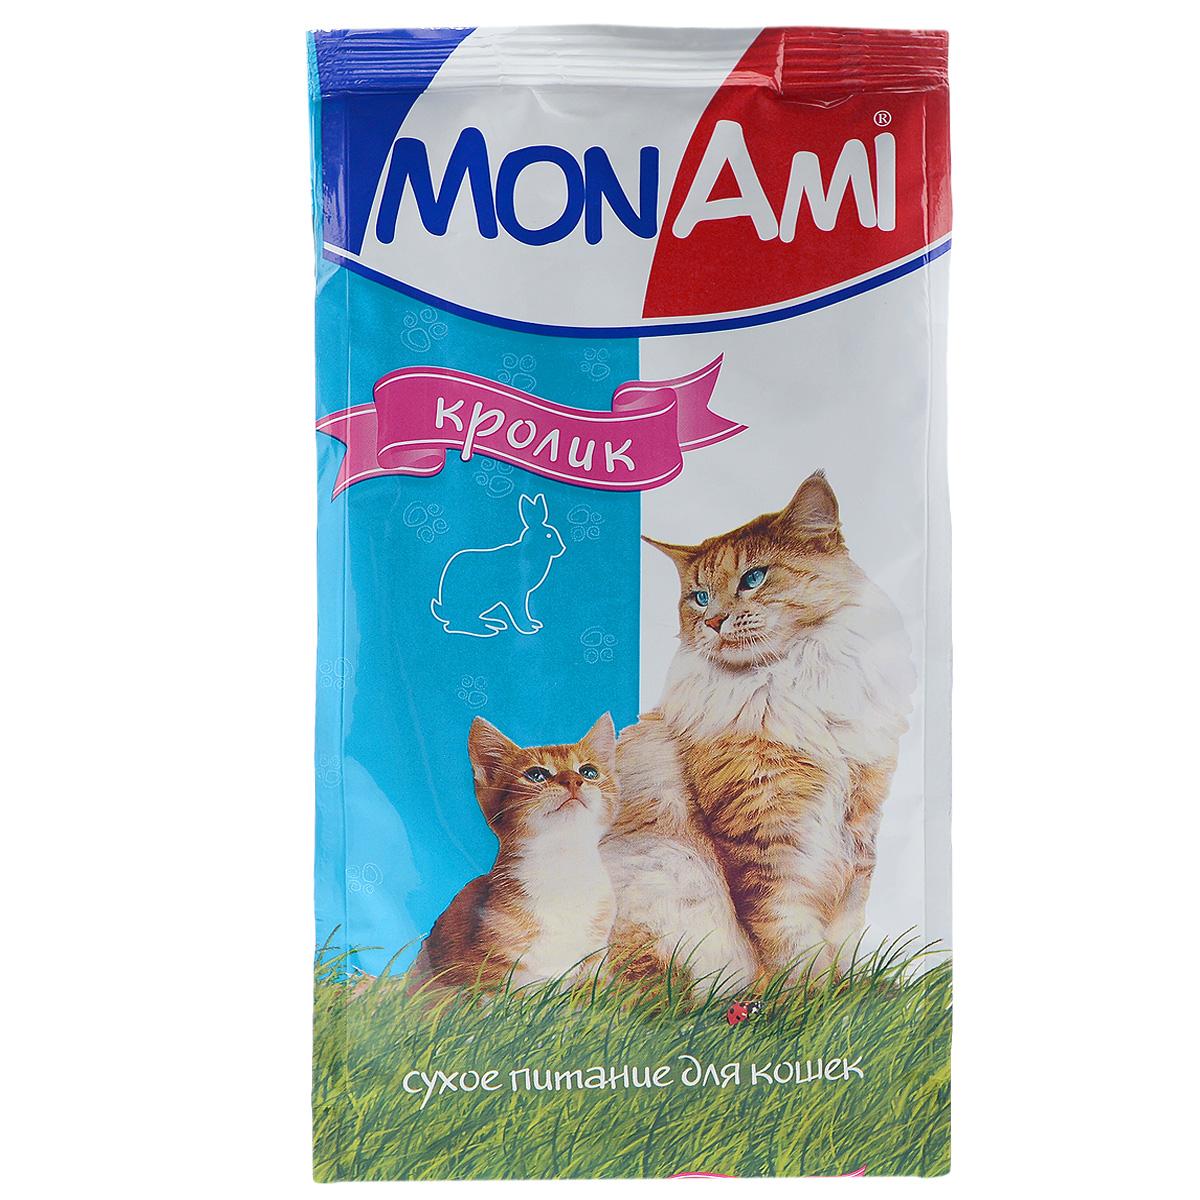 Корм сухой для кошек Mon Ami, с мясом кролика, 400 г0120710Сухой корм для кошек Mon Ami - это полноценное сбалансированное питание для кошек, разработанное с использованием современных технологий. Особенности рациона: Необходимое сочетание ингредиентов для достижения правильной усвояемости питательных веществ организмом. Источник линолевой кислоты и правильного уровня витаминов группы В благотворно влияют на кожу и шерсть. Таурин - для здоровья глаз и сердца. Состав: злаки (пшеница, рис), экстракт белка растительного происхождения, мясо и продукты животного происхождения (в т.ч. кролик), подсолнечное масло, минеральные добавки, гидролизованная печень, пульпа сахарной свеклы (жом), витамины, пивные дрожжи, таурин, антиоксидант. Анализ: сырой протеин 30%, сырой жир 10%, сырая зола 7%, сырая клетчатка 2,5%, влажность 10%, фосфор 0,9%, кальций 1,05%, витамин А 5000 МЕ/кг, витамин Д 500 МЕ/кг, витамин Е 30 мг/кг. Энергетическая ценность: 333 ккал/100 г. Товар сертифицирован.